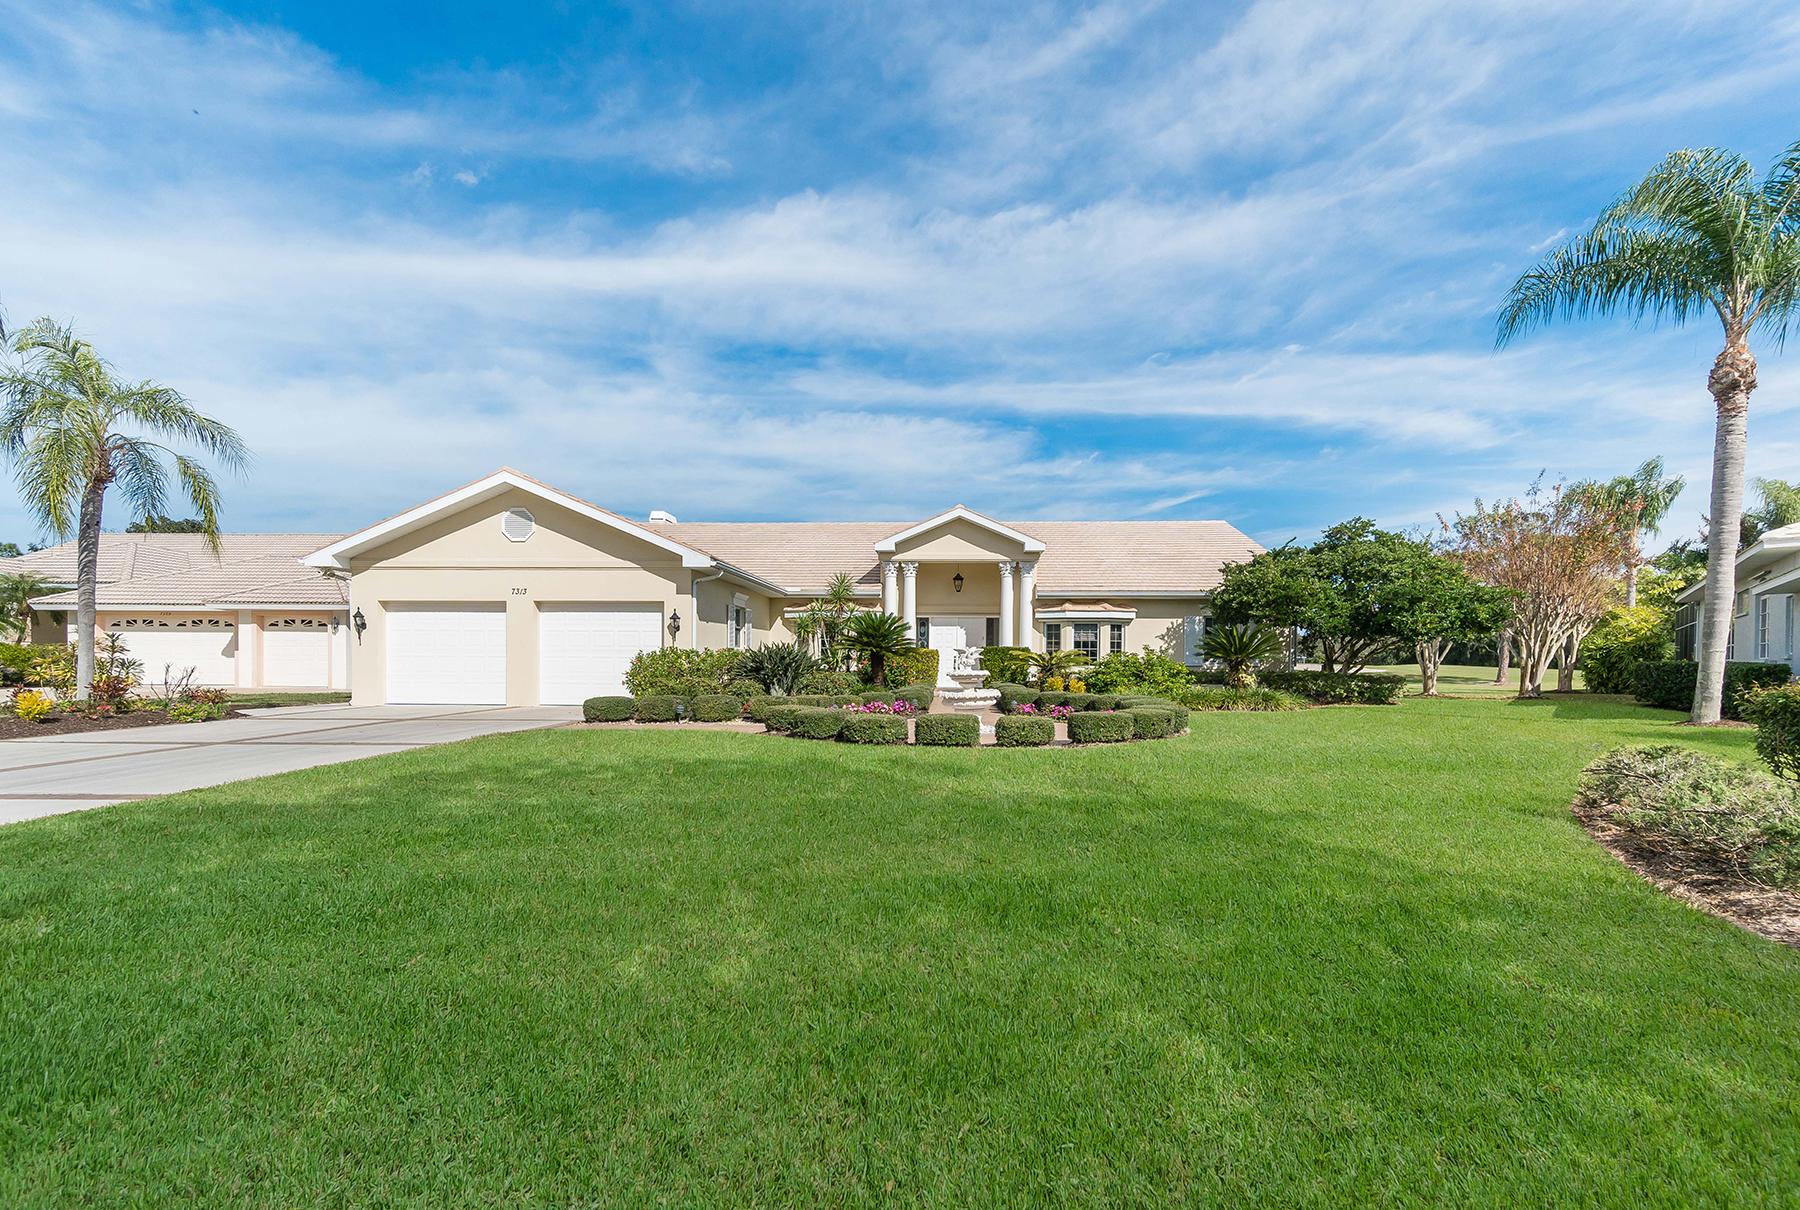 一戸建て のために 売買 アット LINKS AT PALM AIRE 7313 Links Ct Sarasota, フロリダ, 34243 アメリカ合衆国